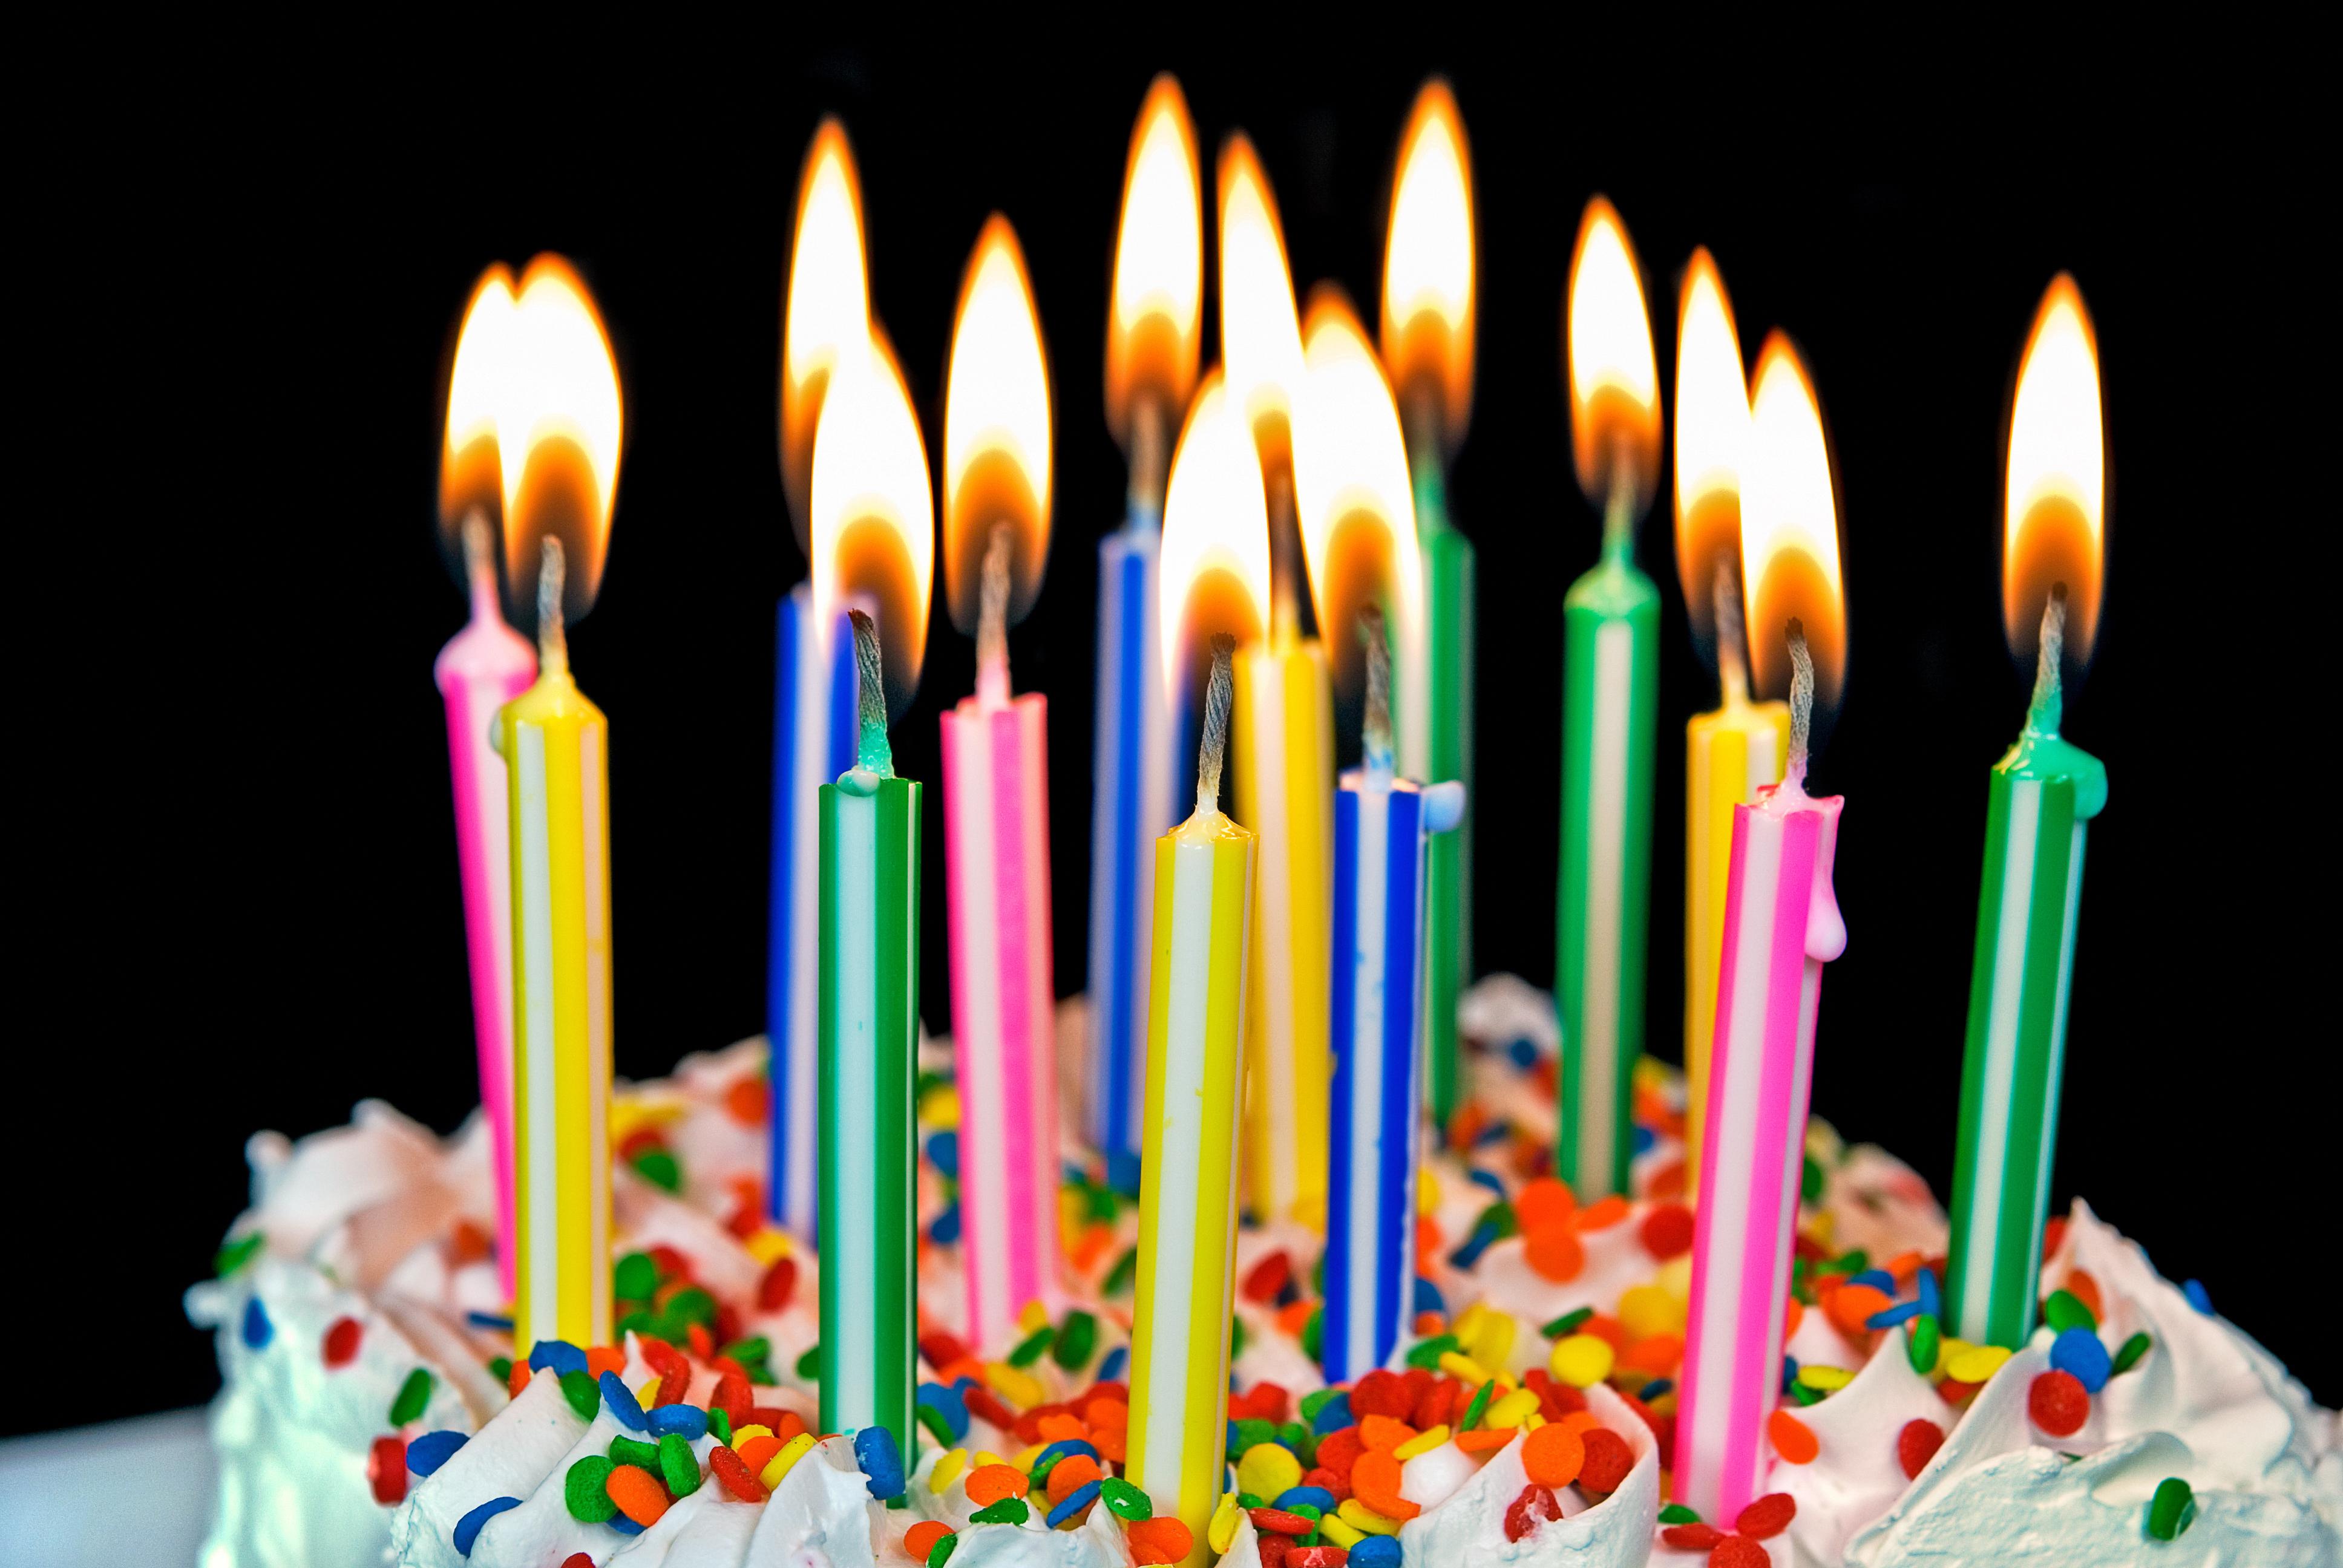 Открытки с днем рождения торт свечи, коллеге